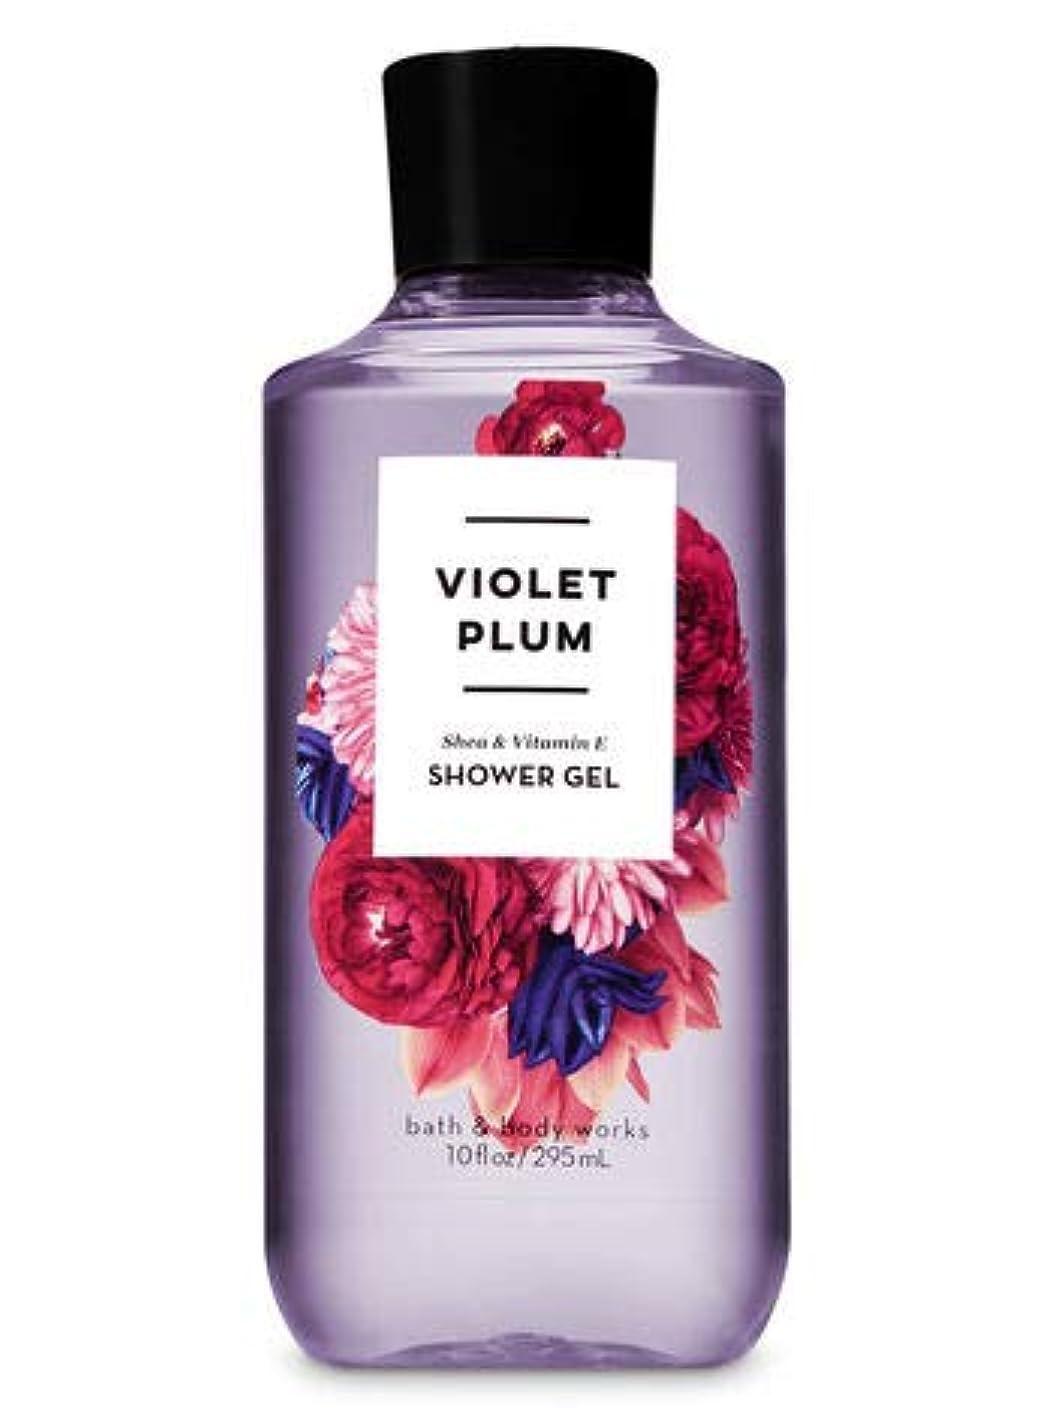 発表する寄生虫精算【Bath&Body Works/バス&ボディワークス】 シャワージェル バイオレットプラム Shower Gel Violet Plum 10 fl oz / 295 mL [並行輸入品]